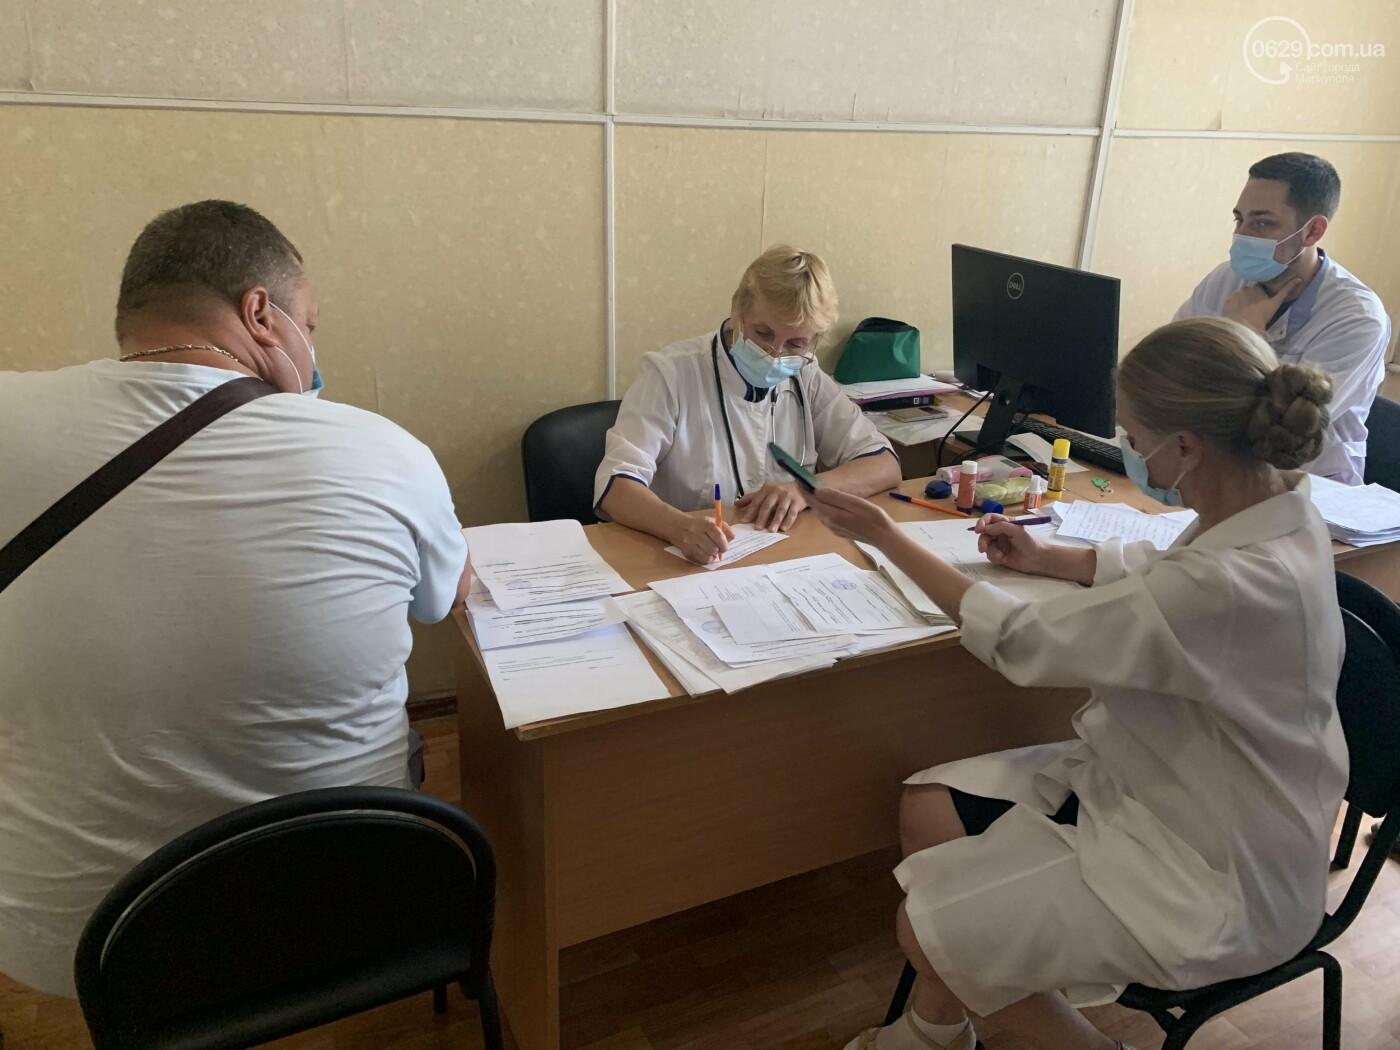 Вакцинація у Маріуполі: чим зараз щеплюють, скільки бажаючих та коли чекати нову хвилю захворюваності, - ФОТО, фото-3